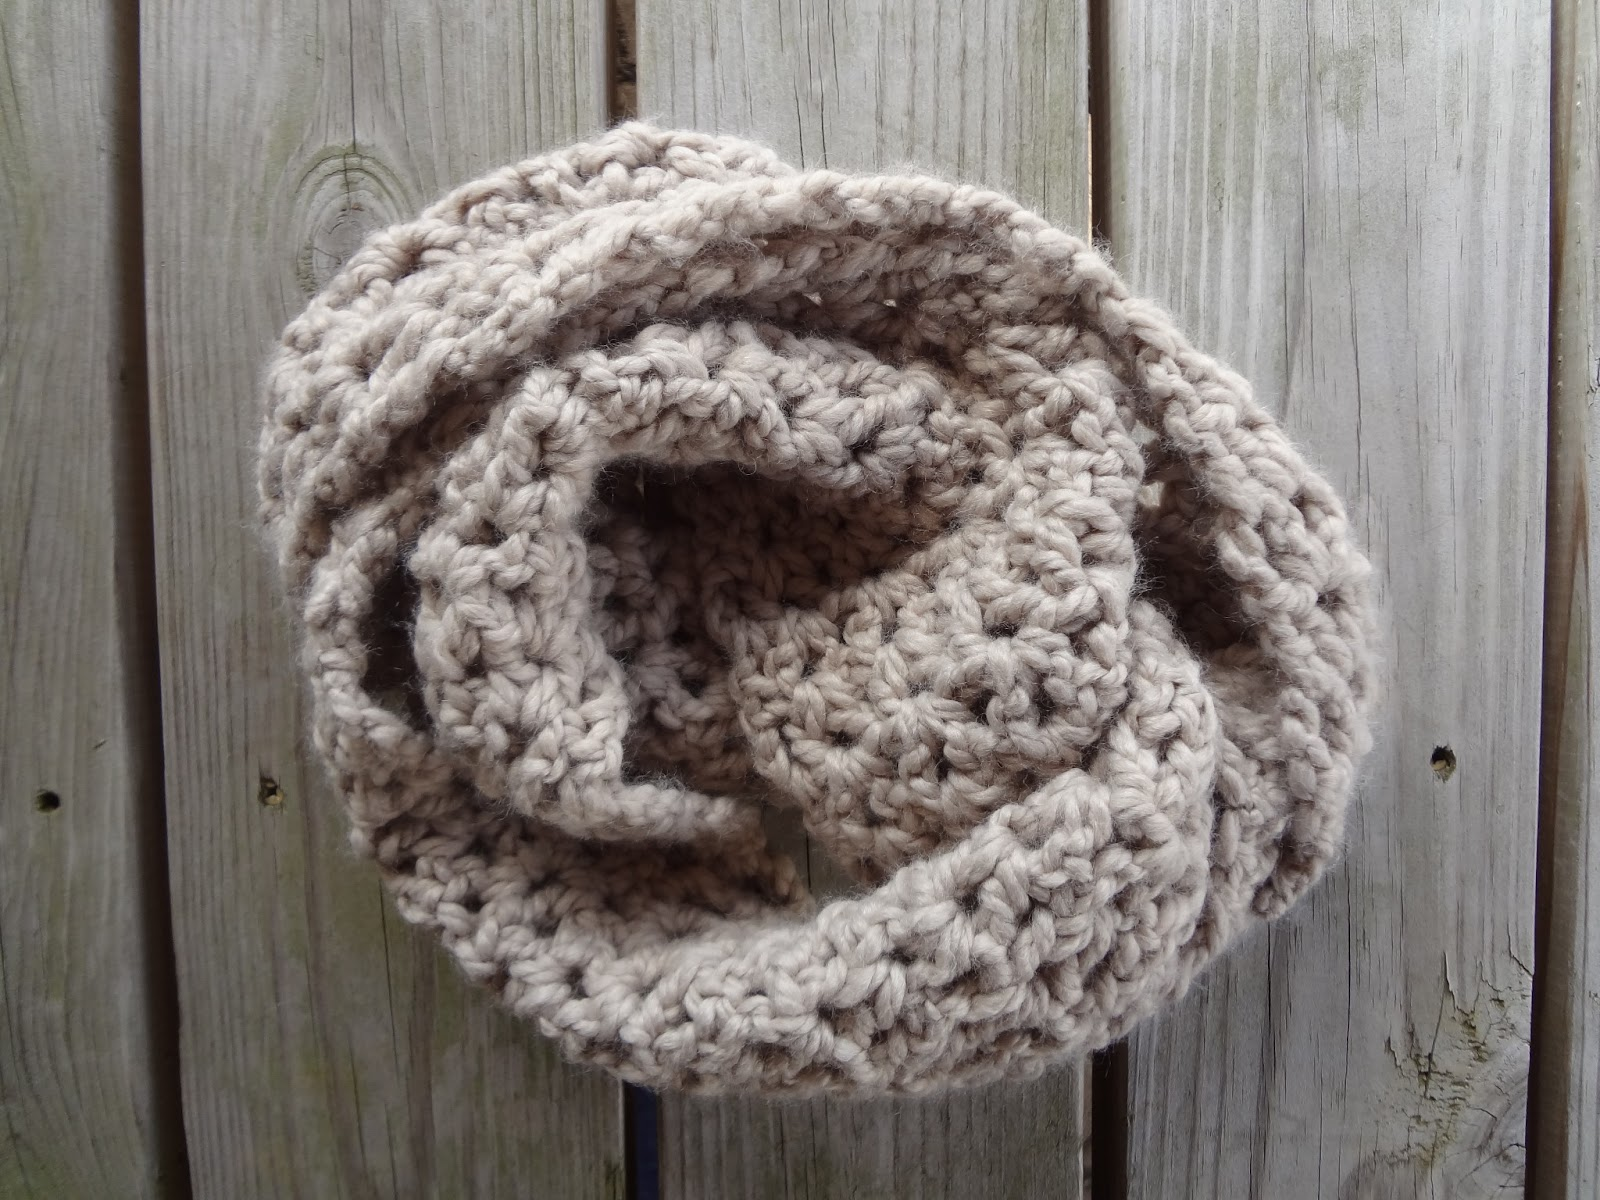 Free Crochet Pattern Pavement Infinity Scarf : Fiber Flux: Free Crochet Pattern...Pavement Infinity Scarf!